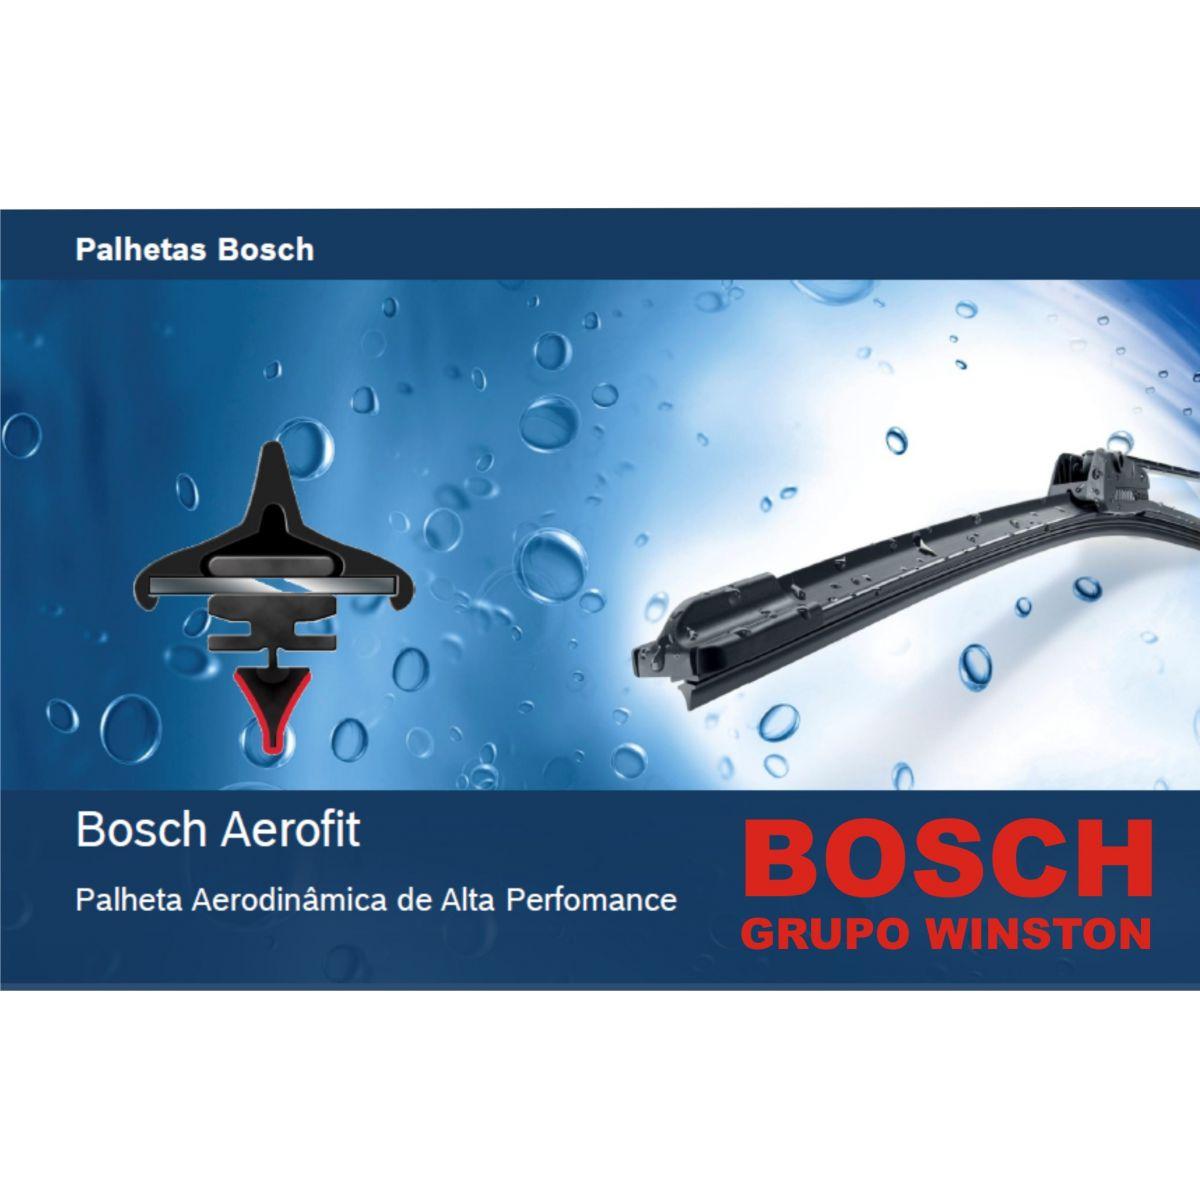 Palheta Bosch Aerofit Limpador de para brisa Bosch FORD Focus/Sedan 2000 até 2008